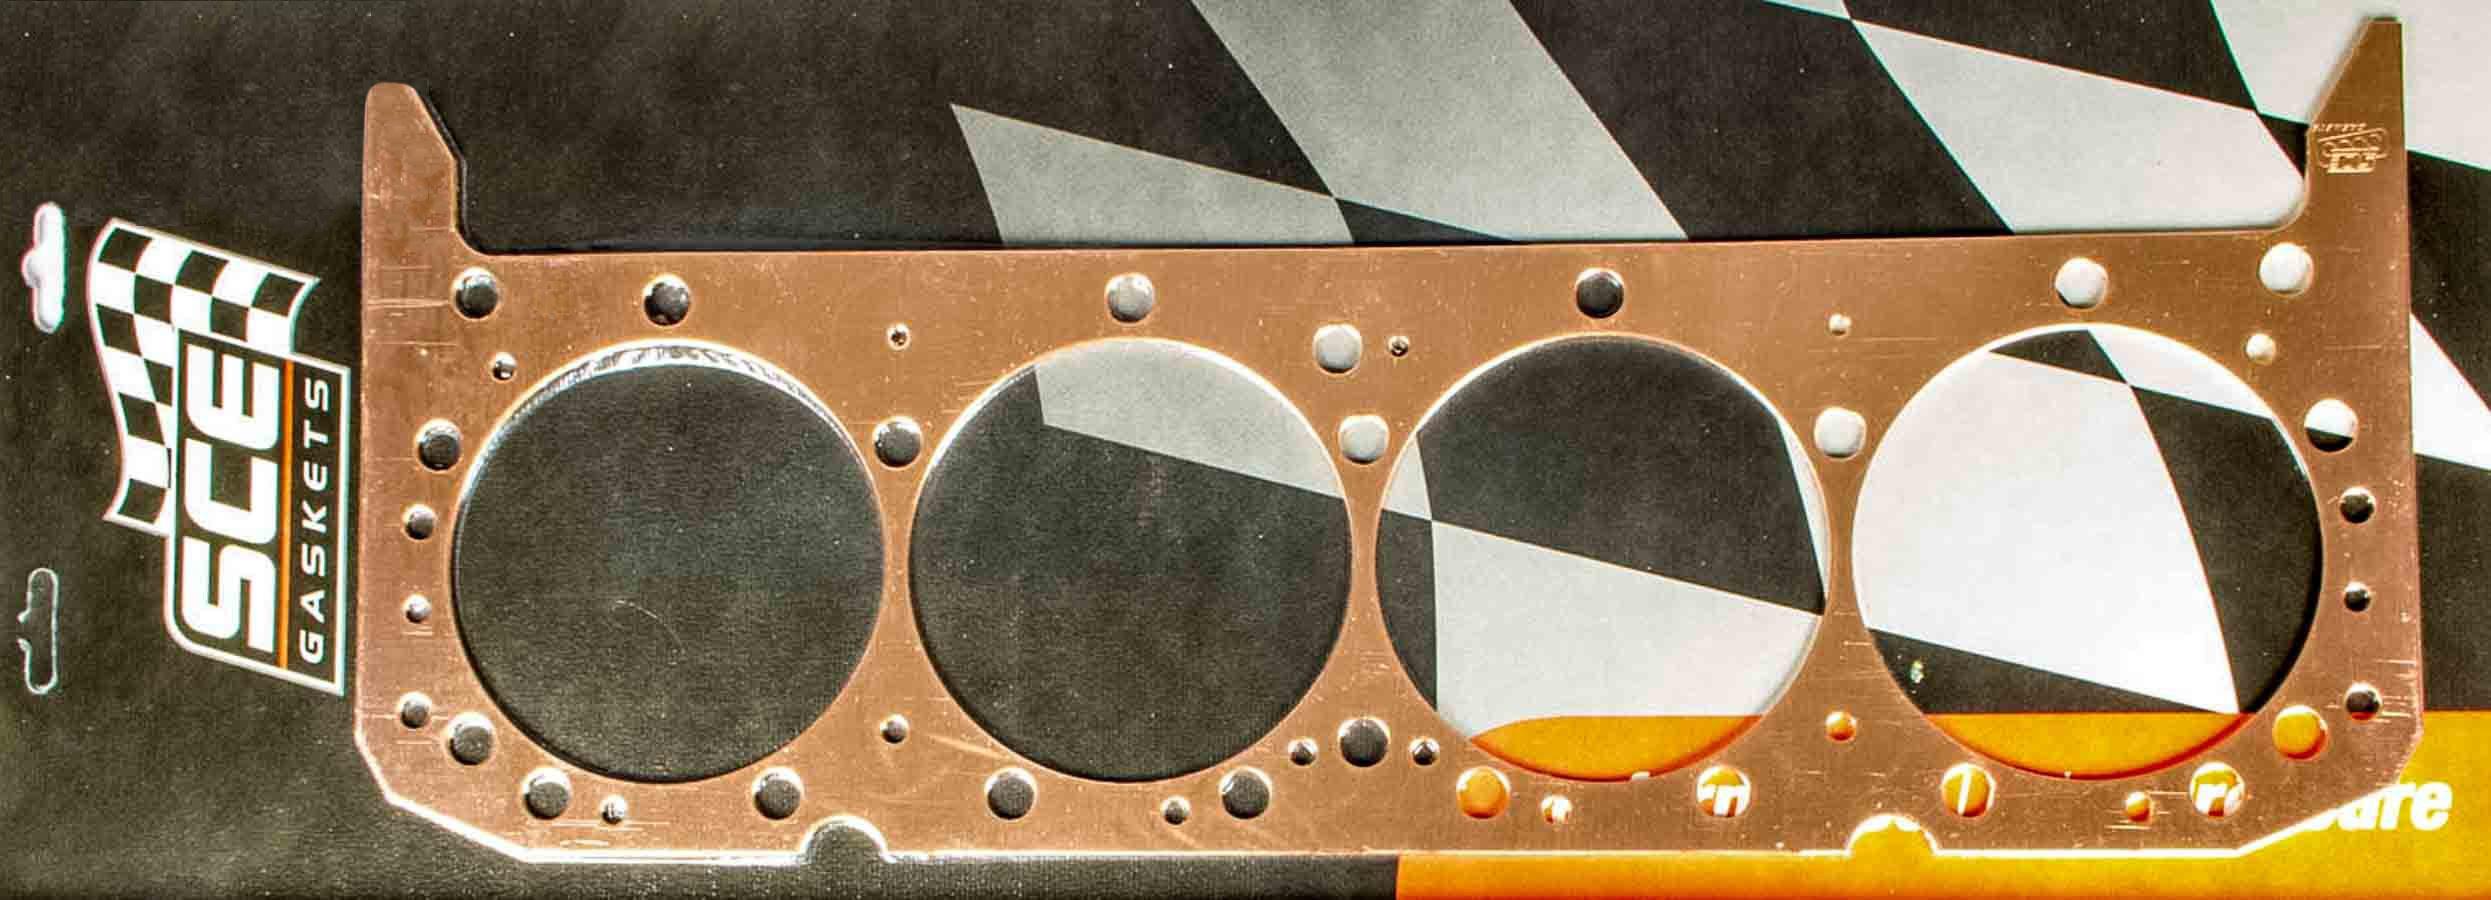 Sce Gaskets SBC Copper Head Gasket 4.155 x .080